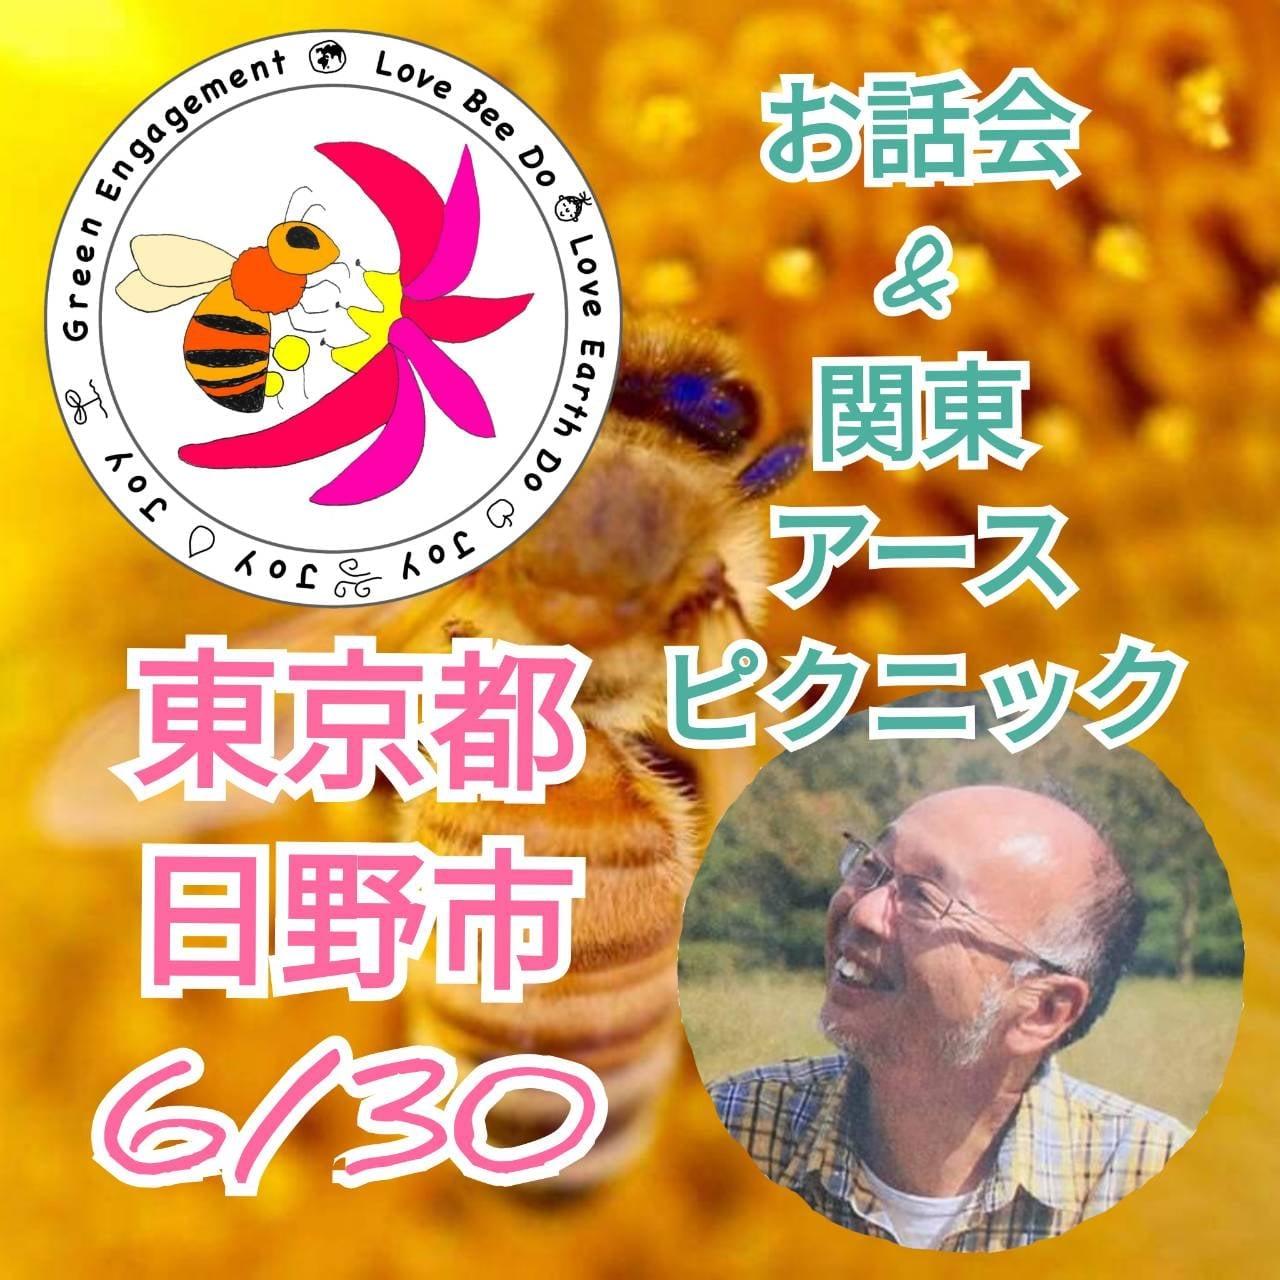 6月30日(日)東京都日野市 ハニーさんのお話会&関東アースピクニックのイメージその1